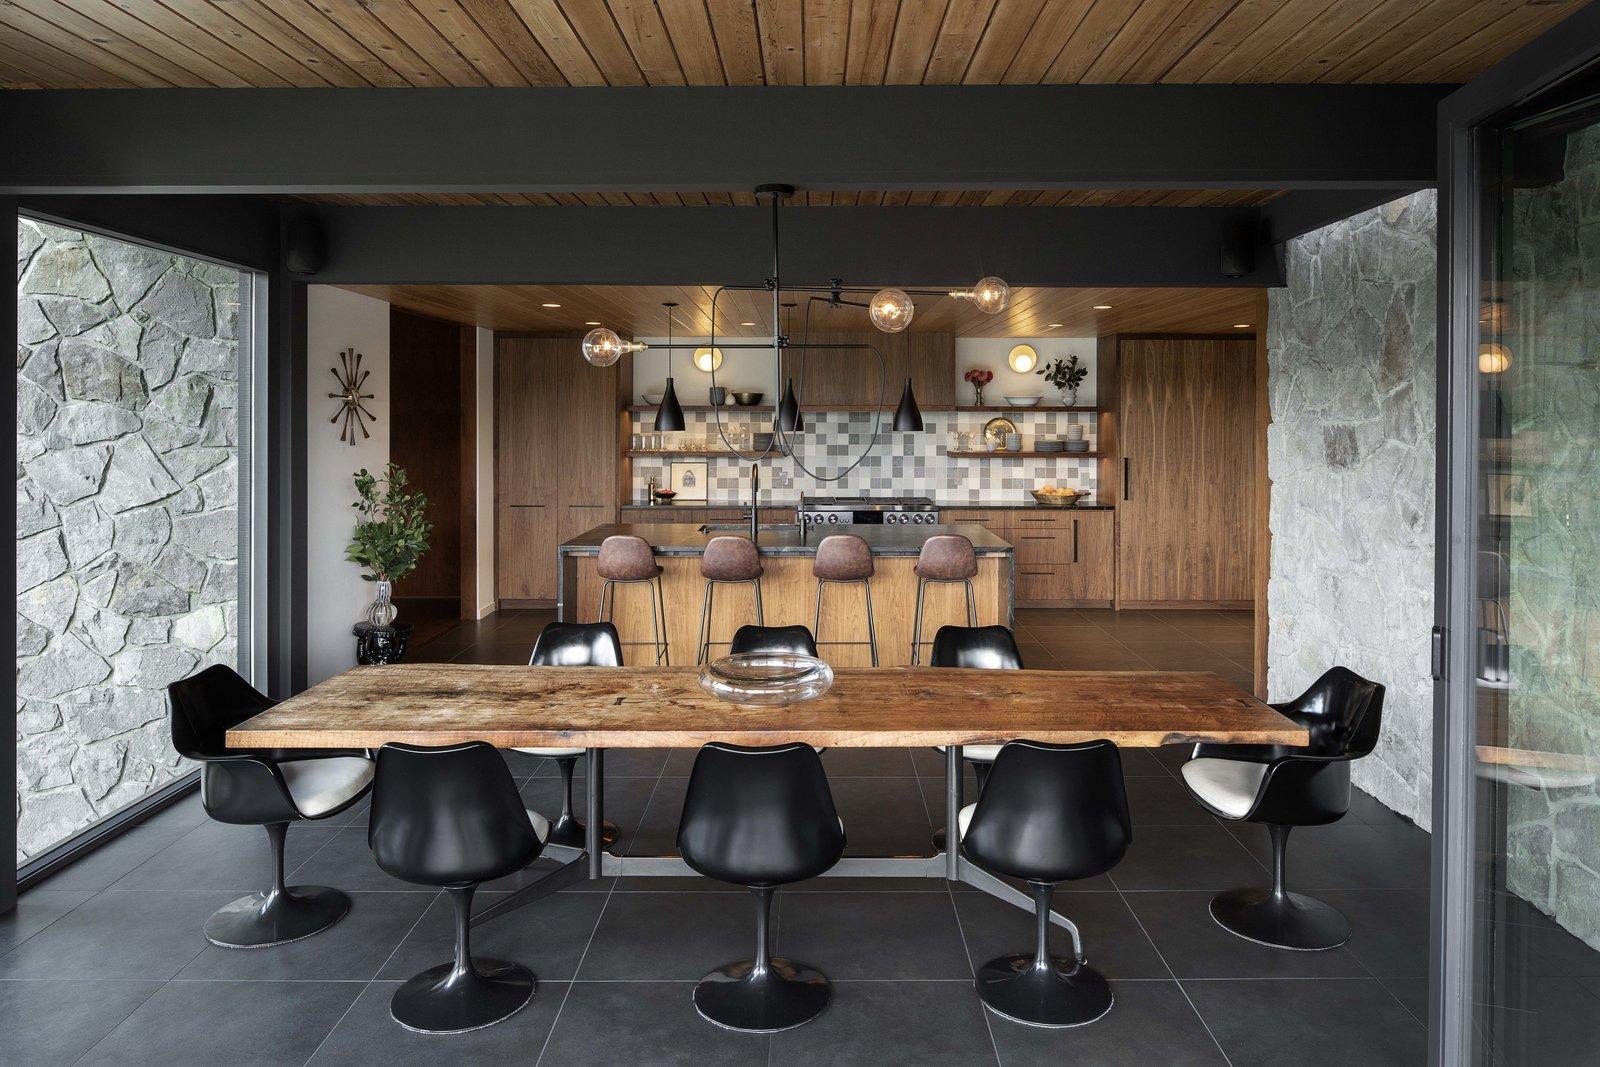 Boiler Residence dining room